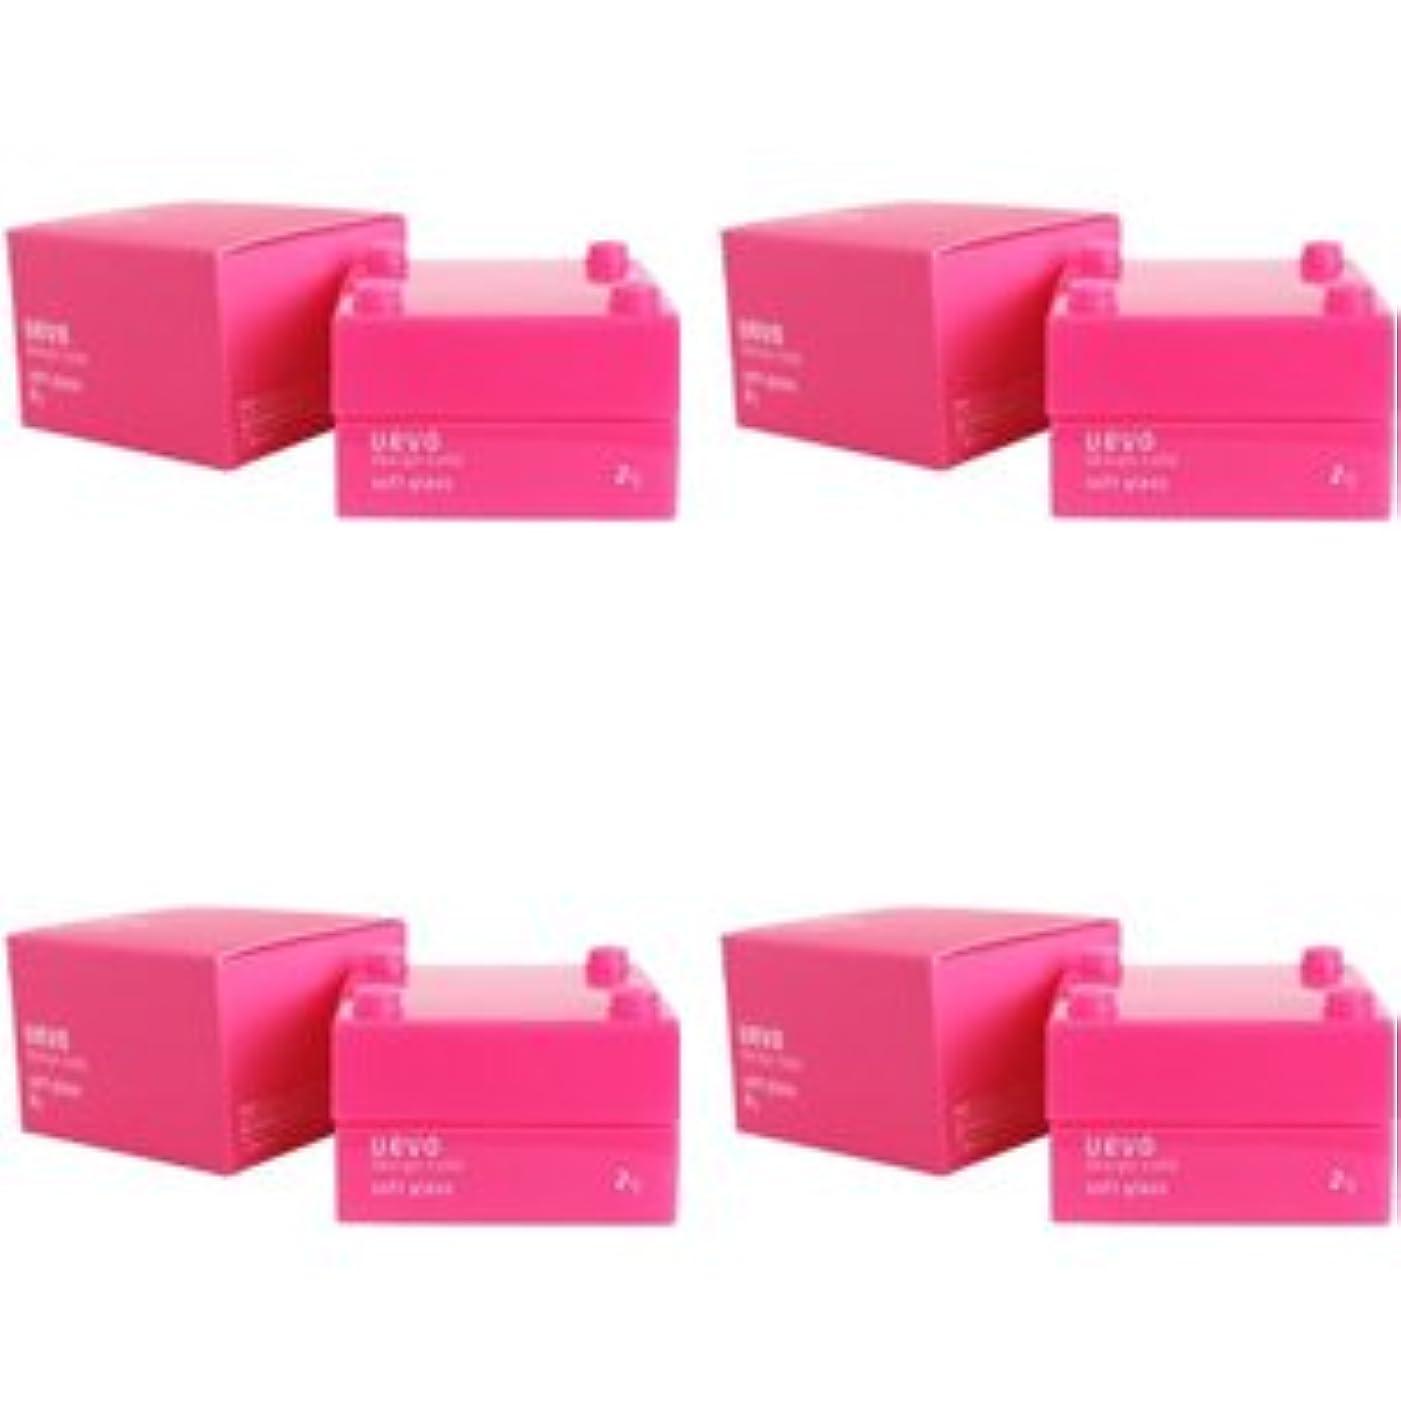 金銭的エキスパートアナリスト【X4個セット】 デミ ウェーボ デザインキューブ ソフトグロス 30g soft gloss DEMI uevo design cube